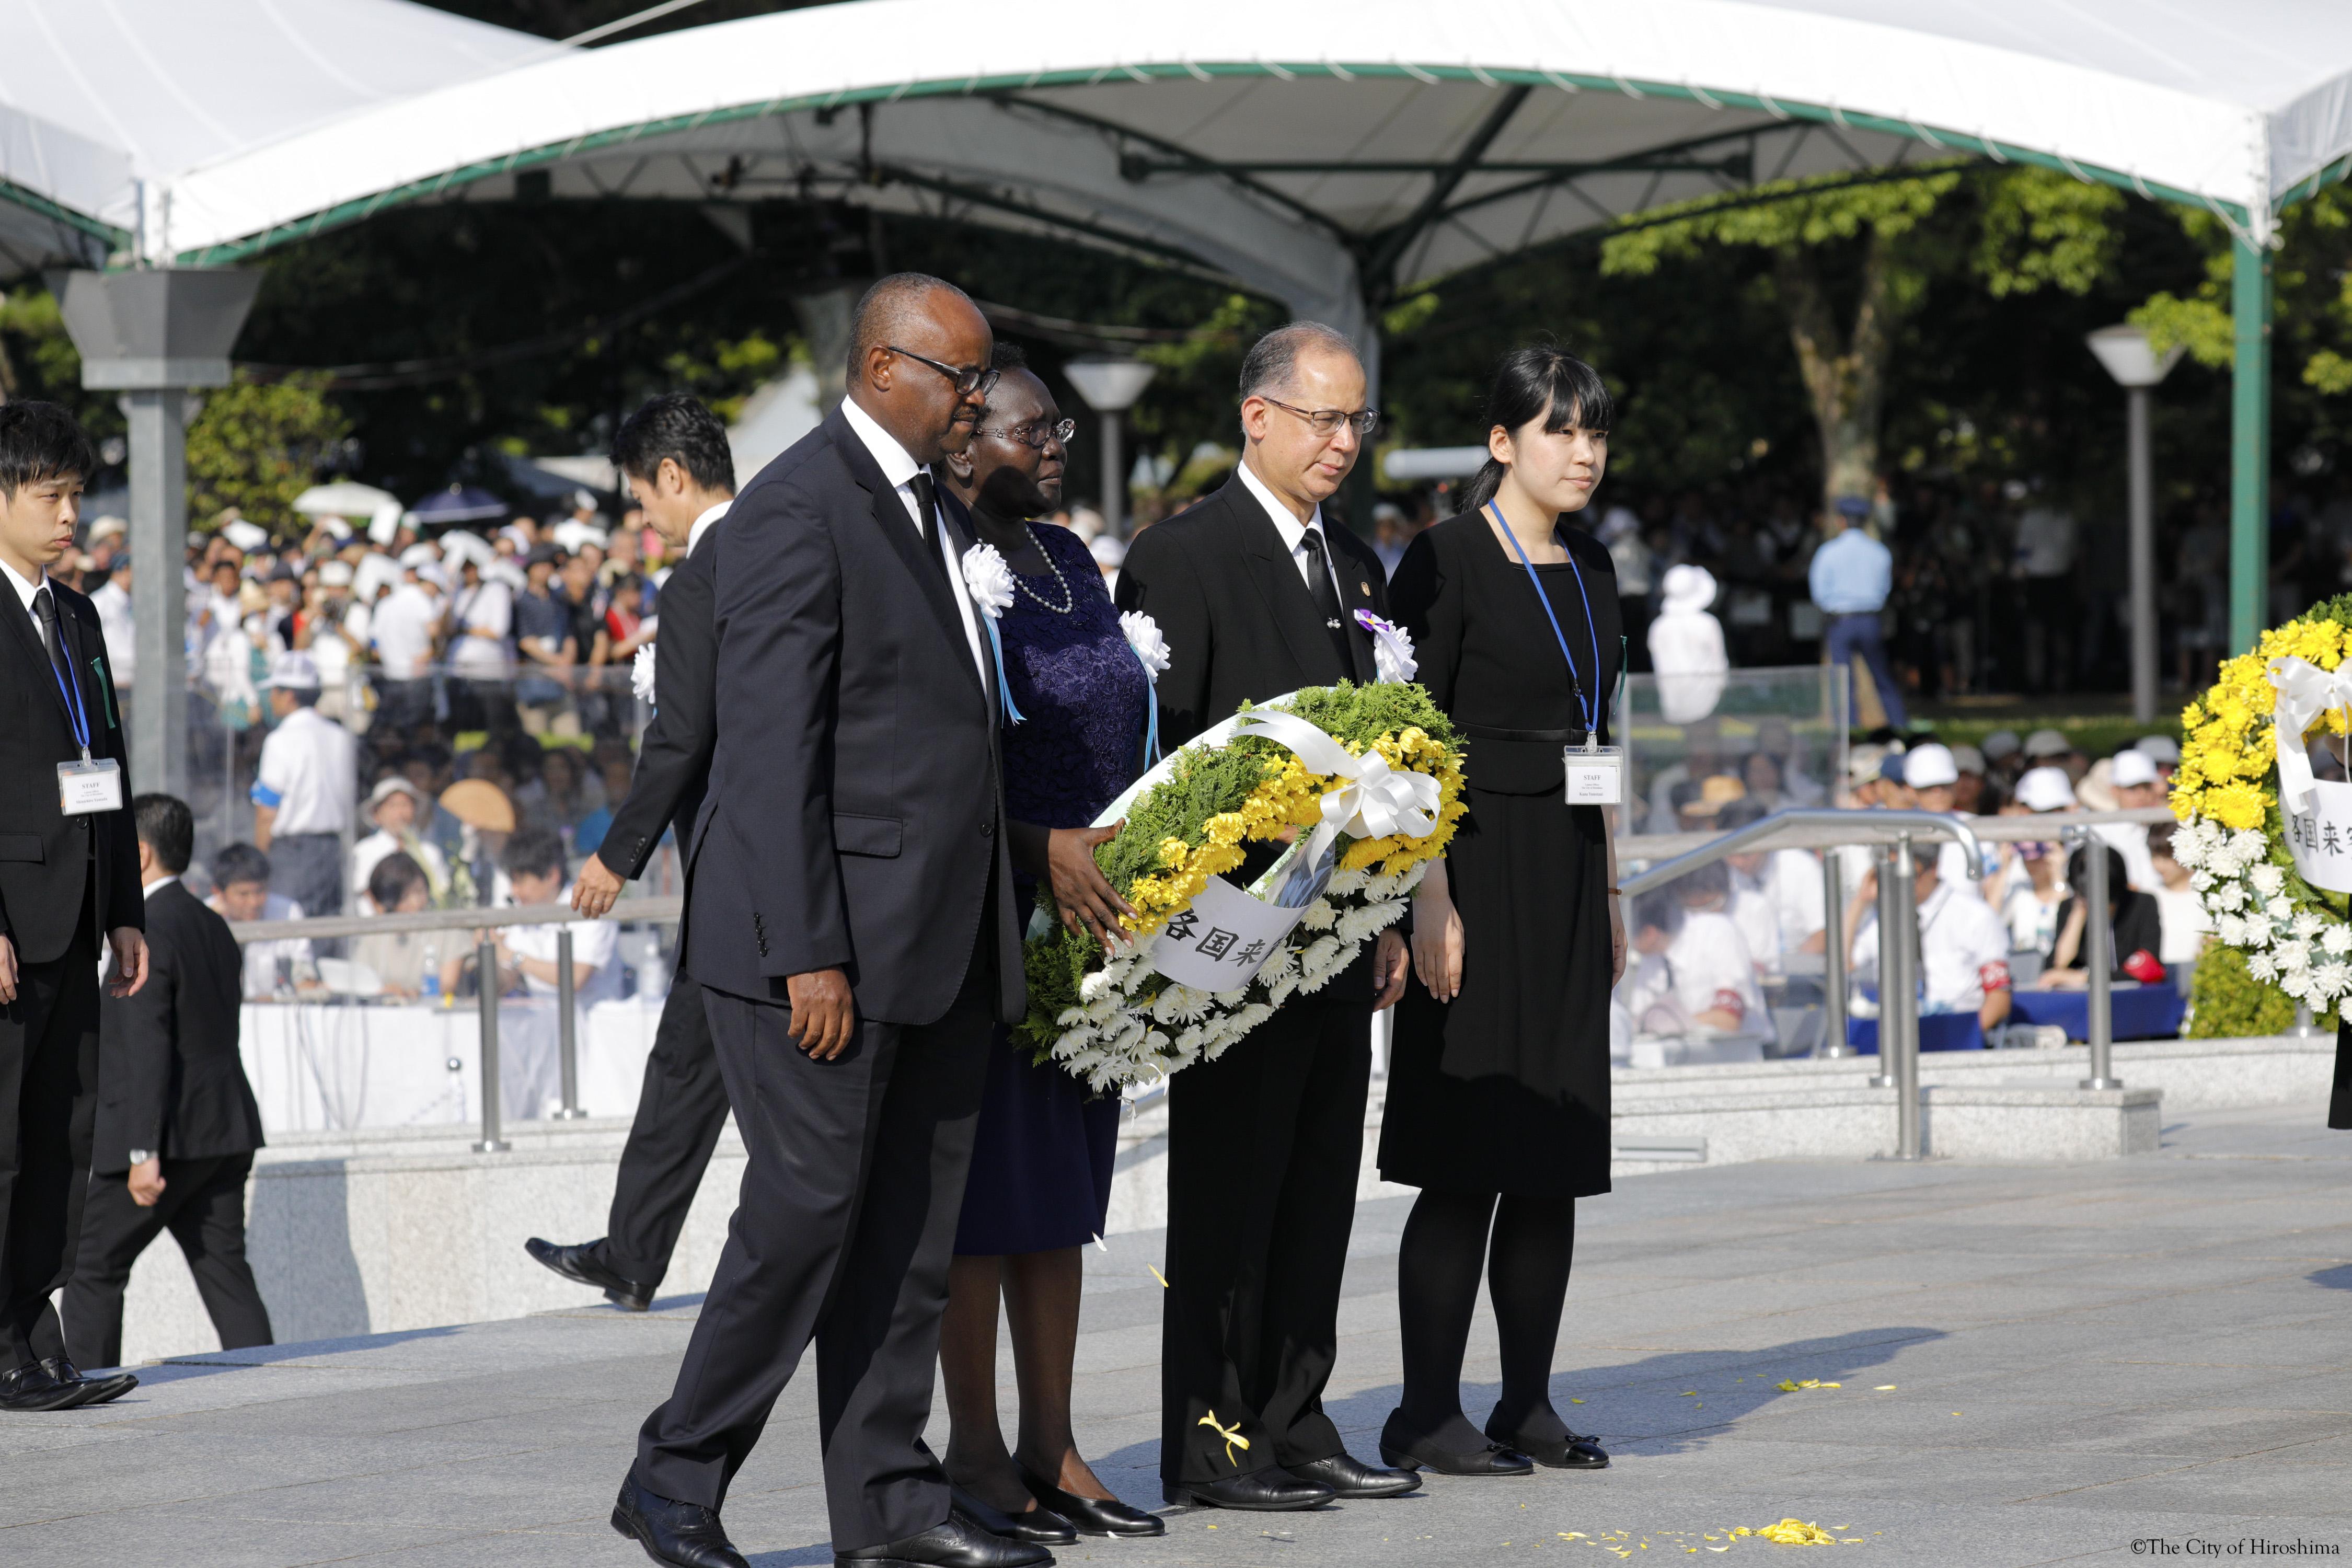 原爆の犠牲になられた方々へのディアス大使による献花の様子。駐日外交団を代表し、ケニア大使、ウガンダ大使と共に